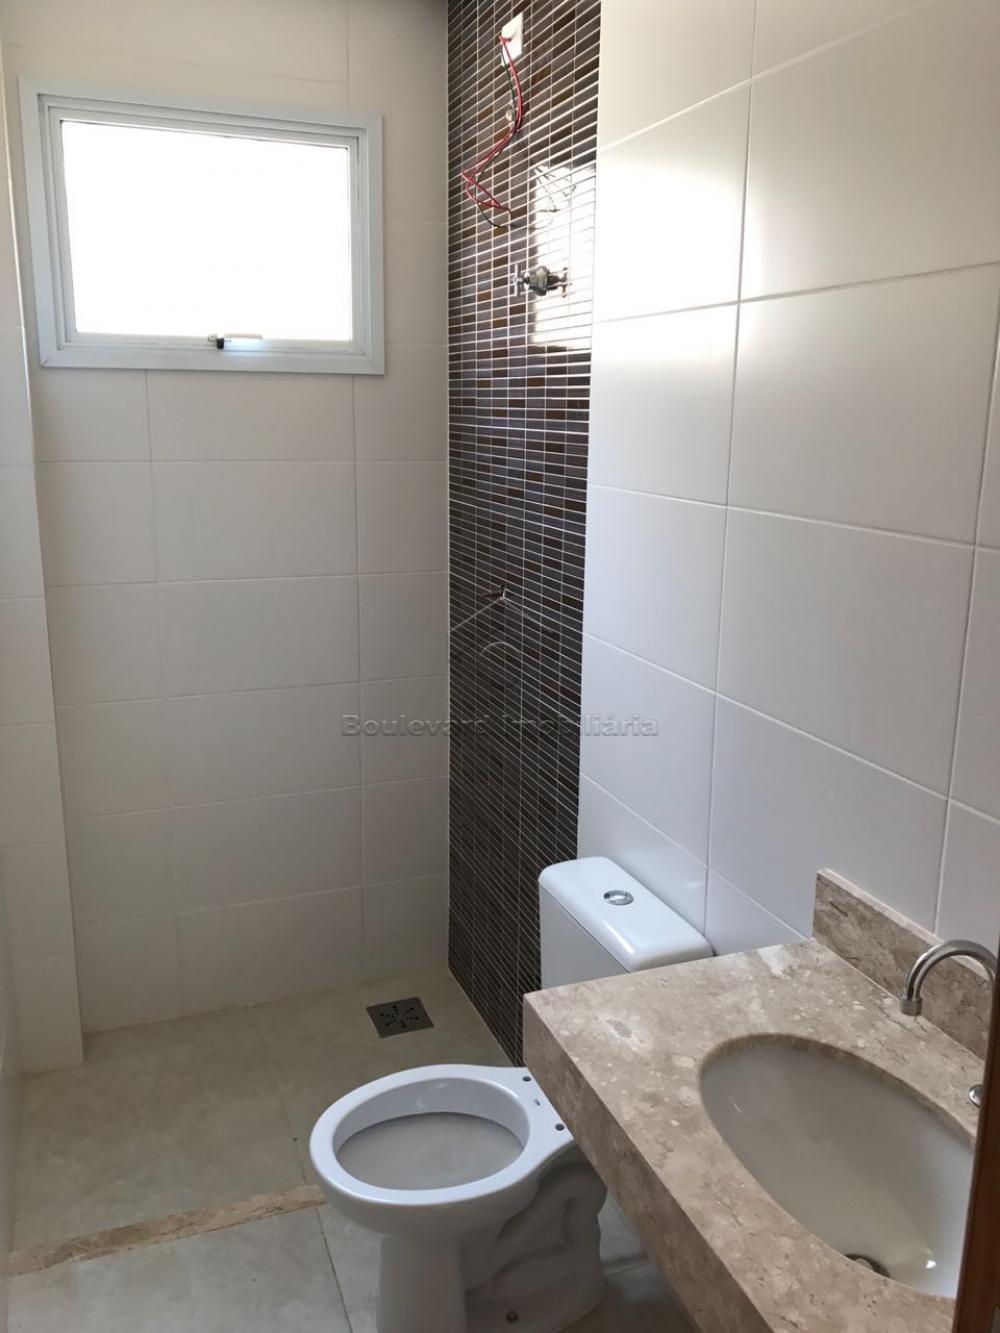 Comprar Apartamento / Padrão em Ribeirão Preto R$ 210.000,00 - Foto 4